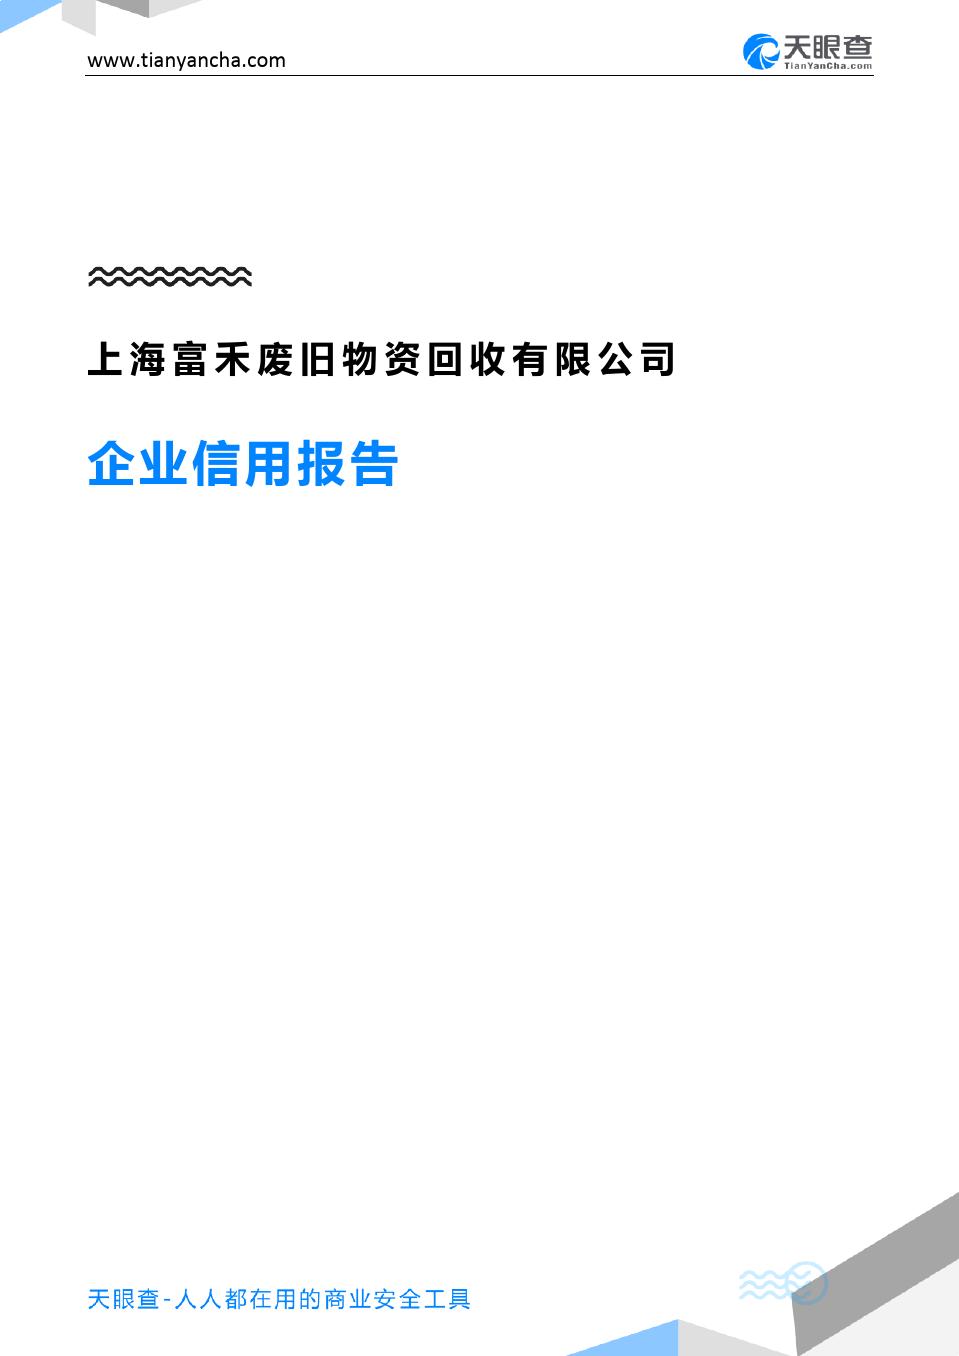 上海富禾废旧物资回收有限公司(企业信用报告)- 天眼查